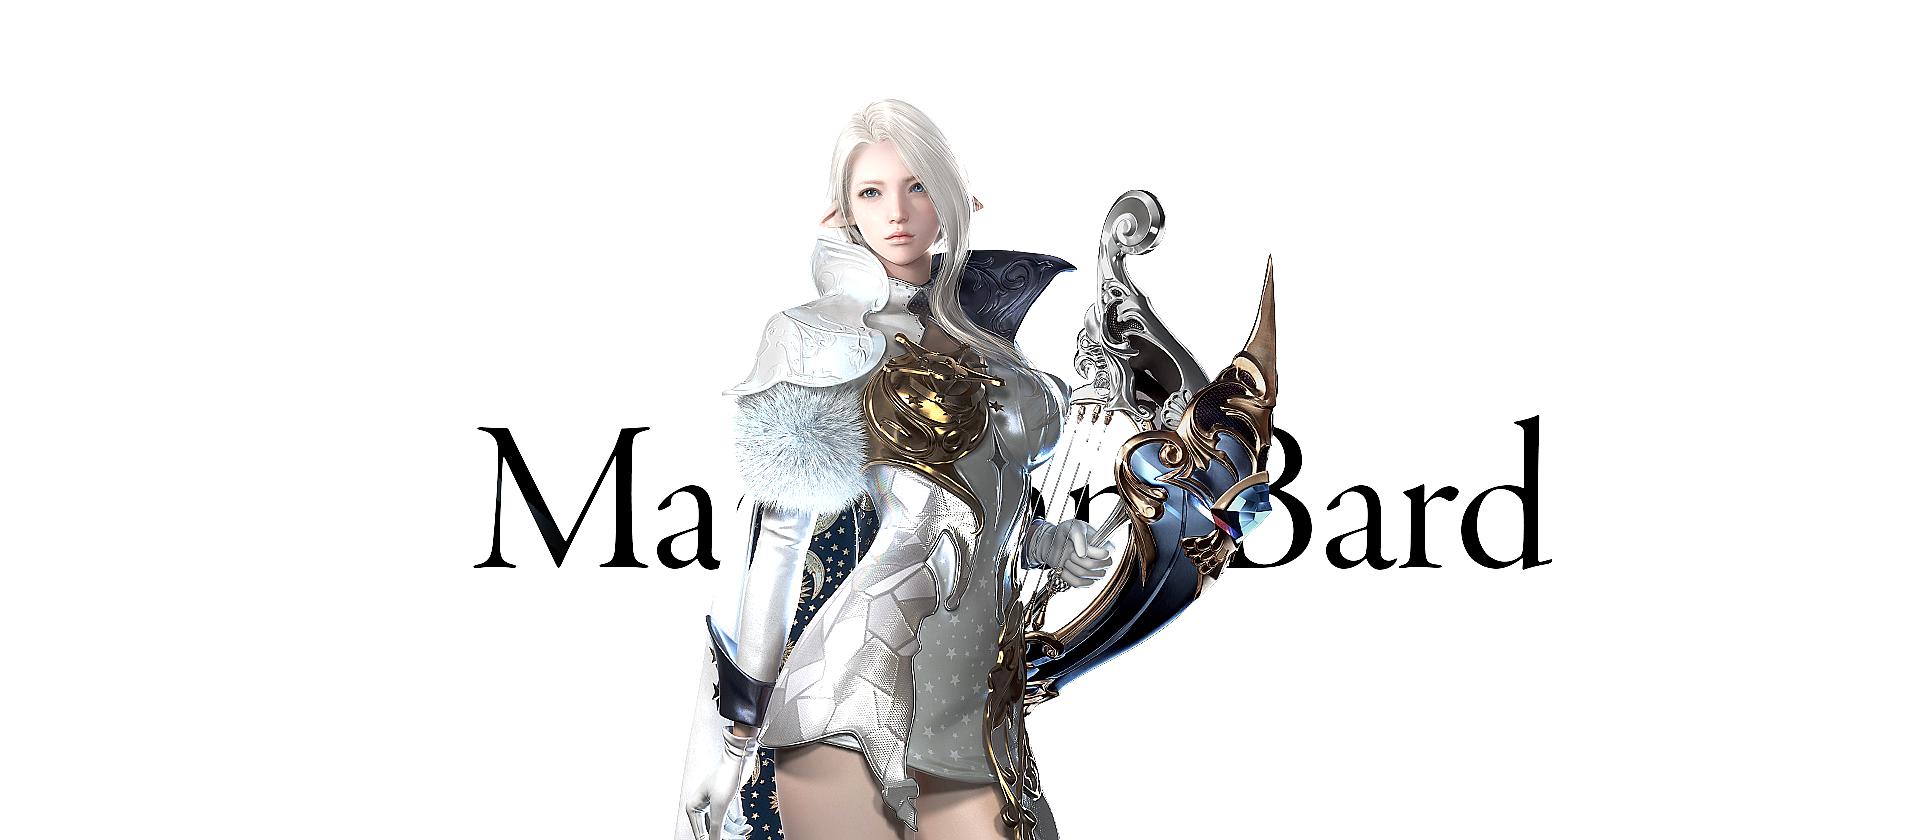 Bard en Lost Ark Online, una de las tres subclases de Magician.